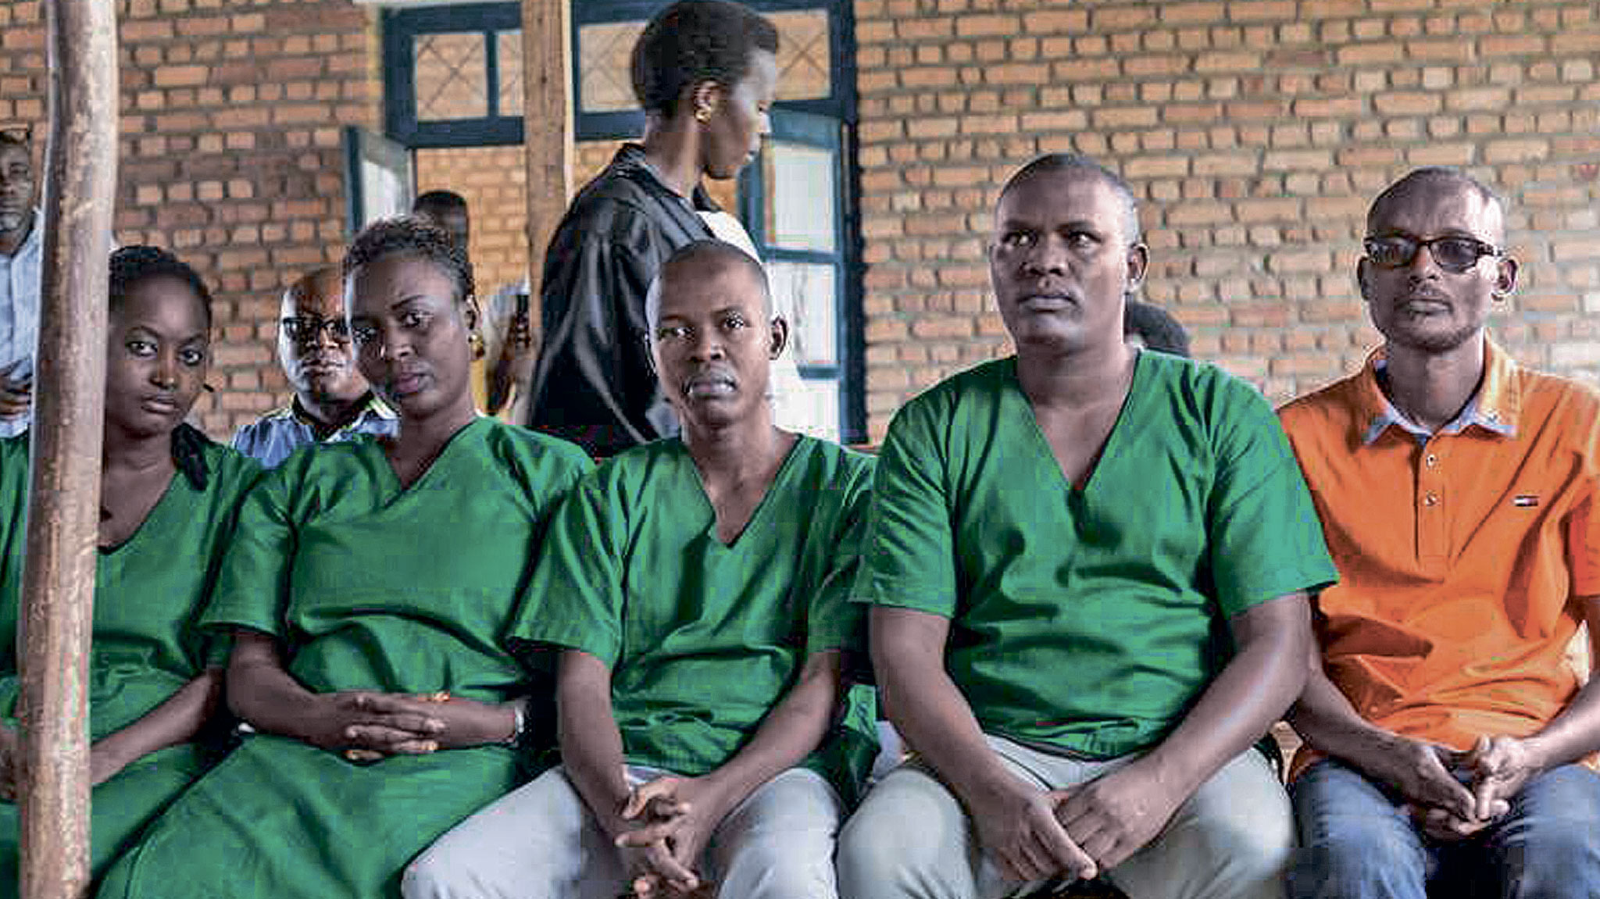 Четверо журналистов из независимой Iwacu Press Group и их водитель в зале суда города Бубанза на западе Бурунди. Их обвинили в заговоре против государственной безопасности. Декабрь 2019